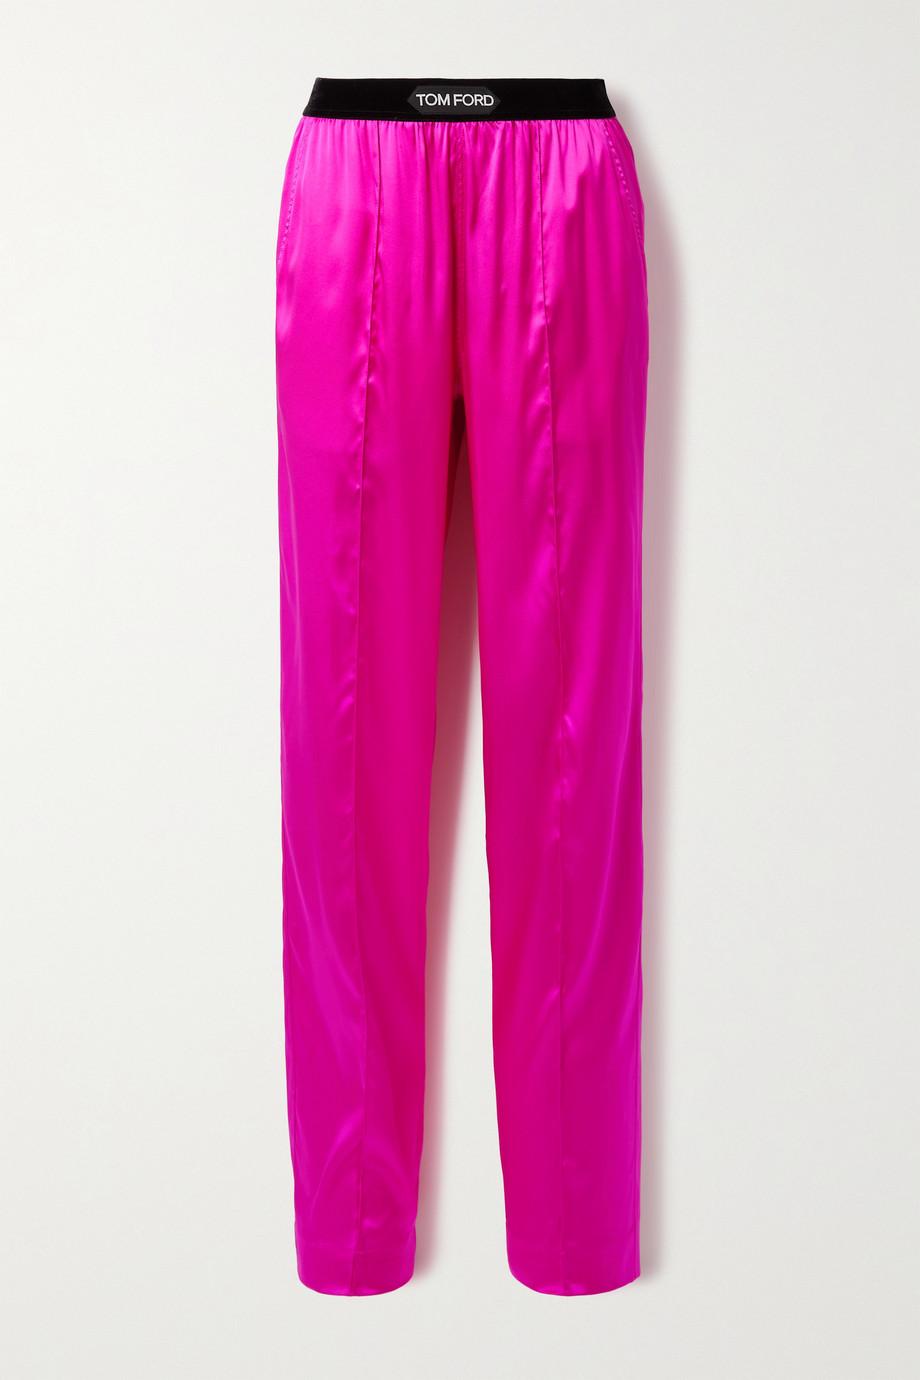 TOM FORD Pantalon en satin de soie stretch à finitions en velours